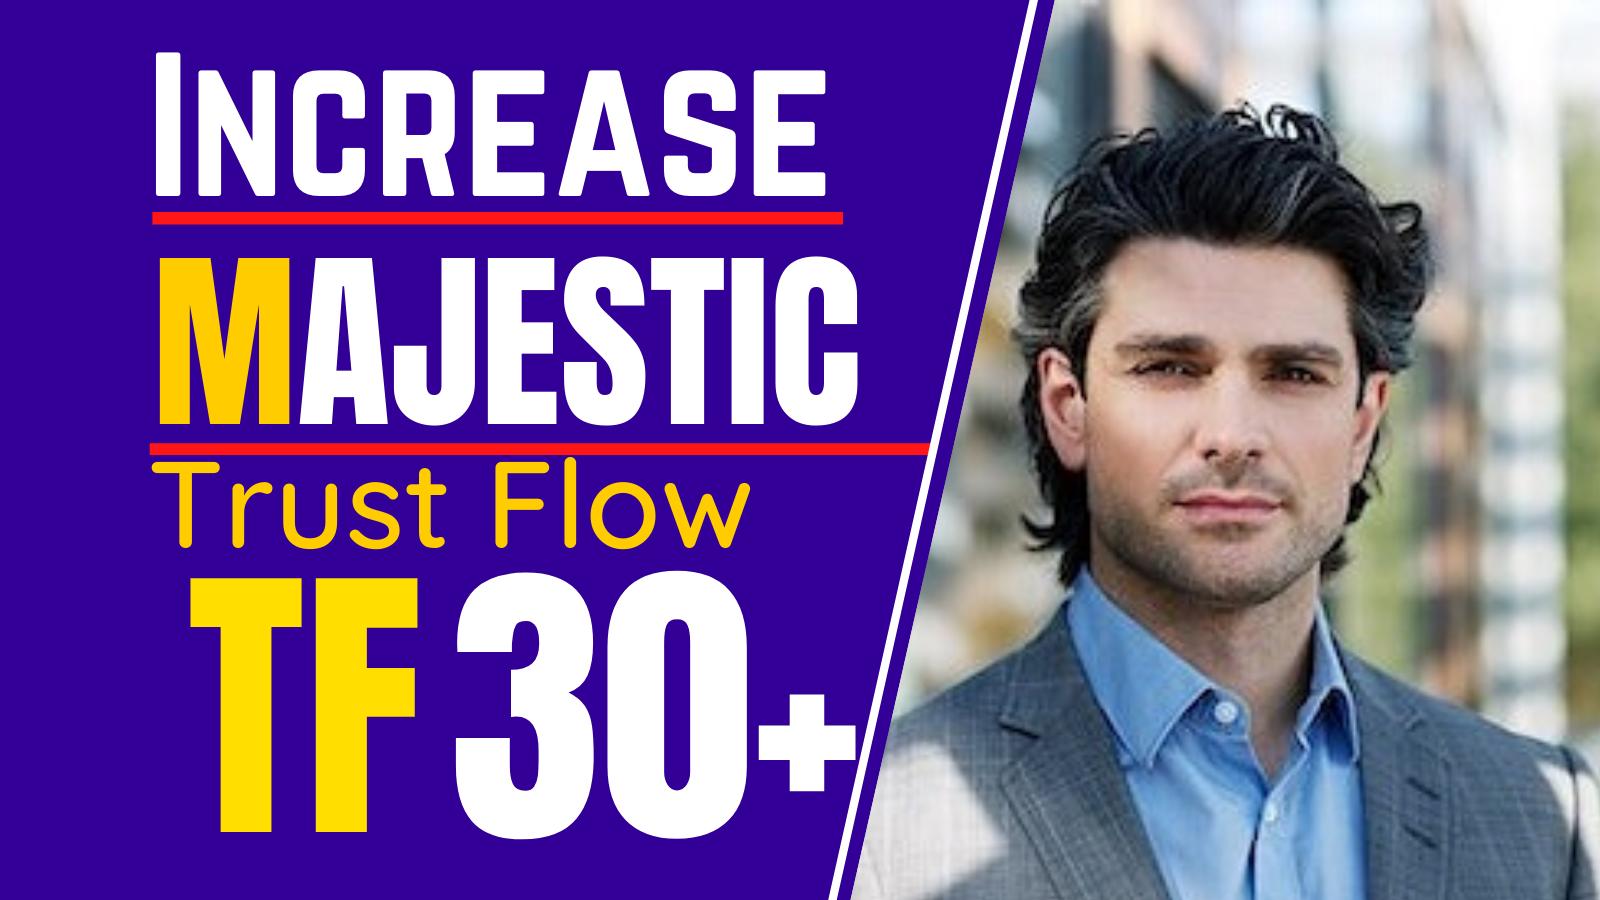 I will increase Trustflow,  Majestic TF 30 plus guaranteed